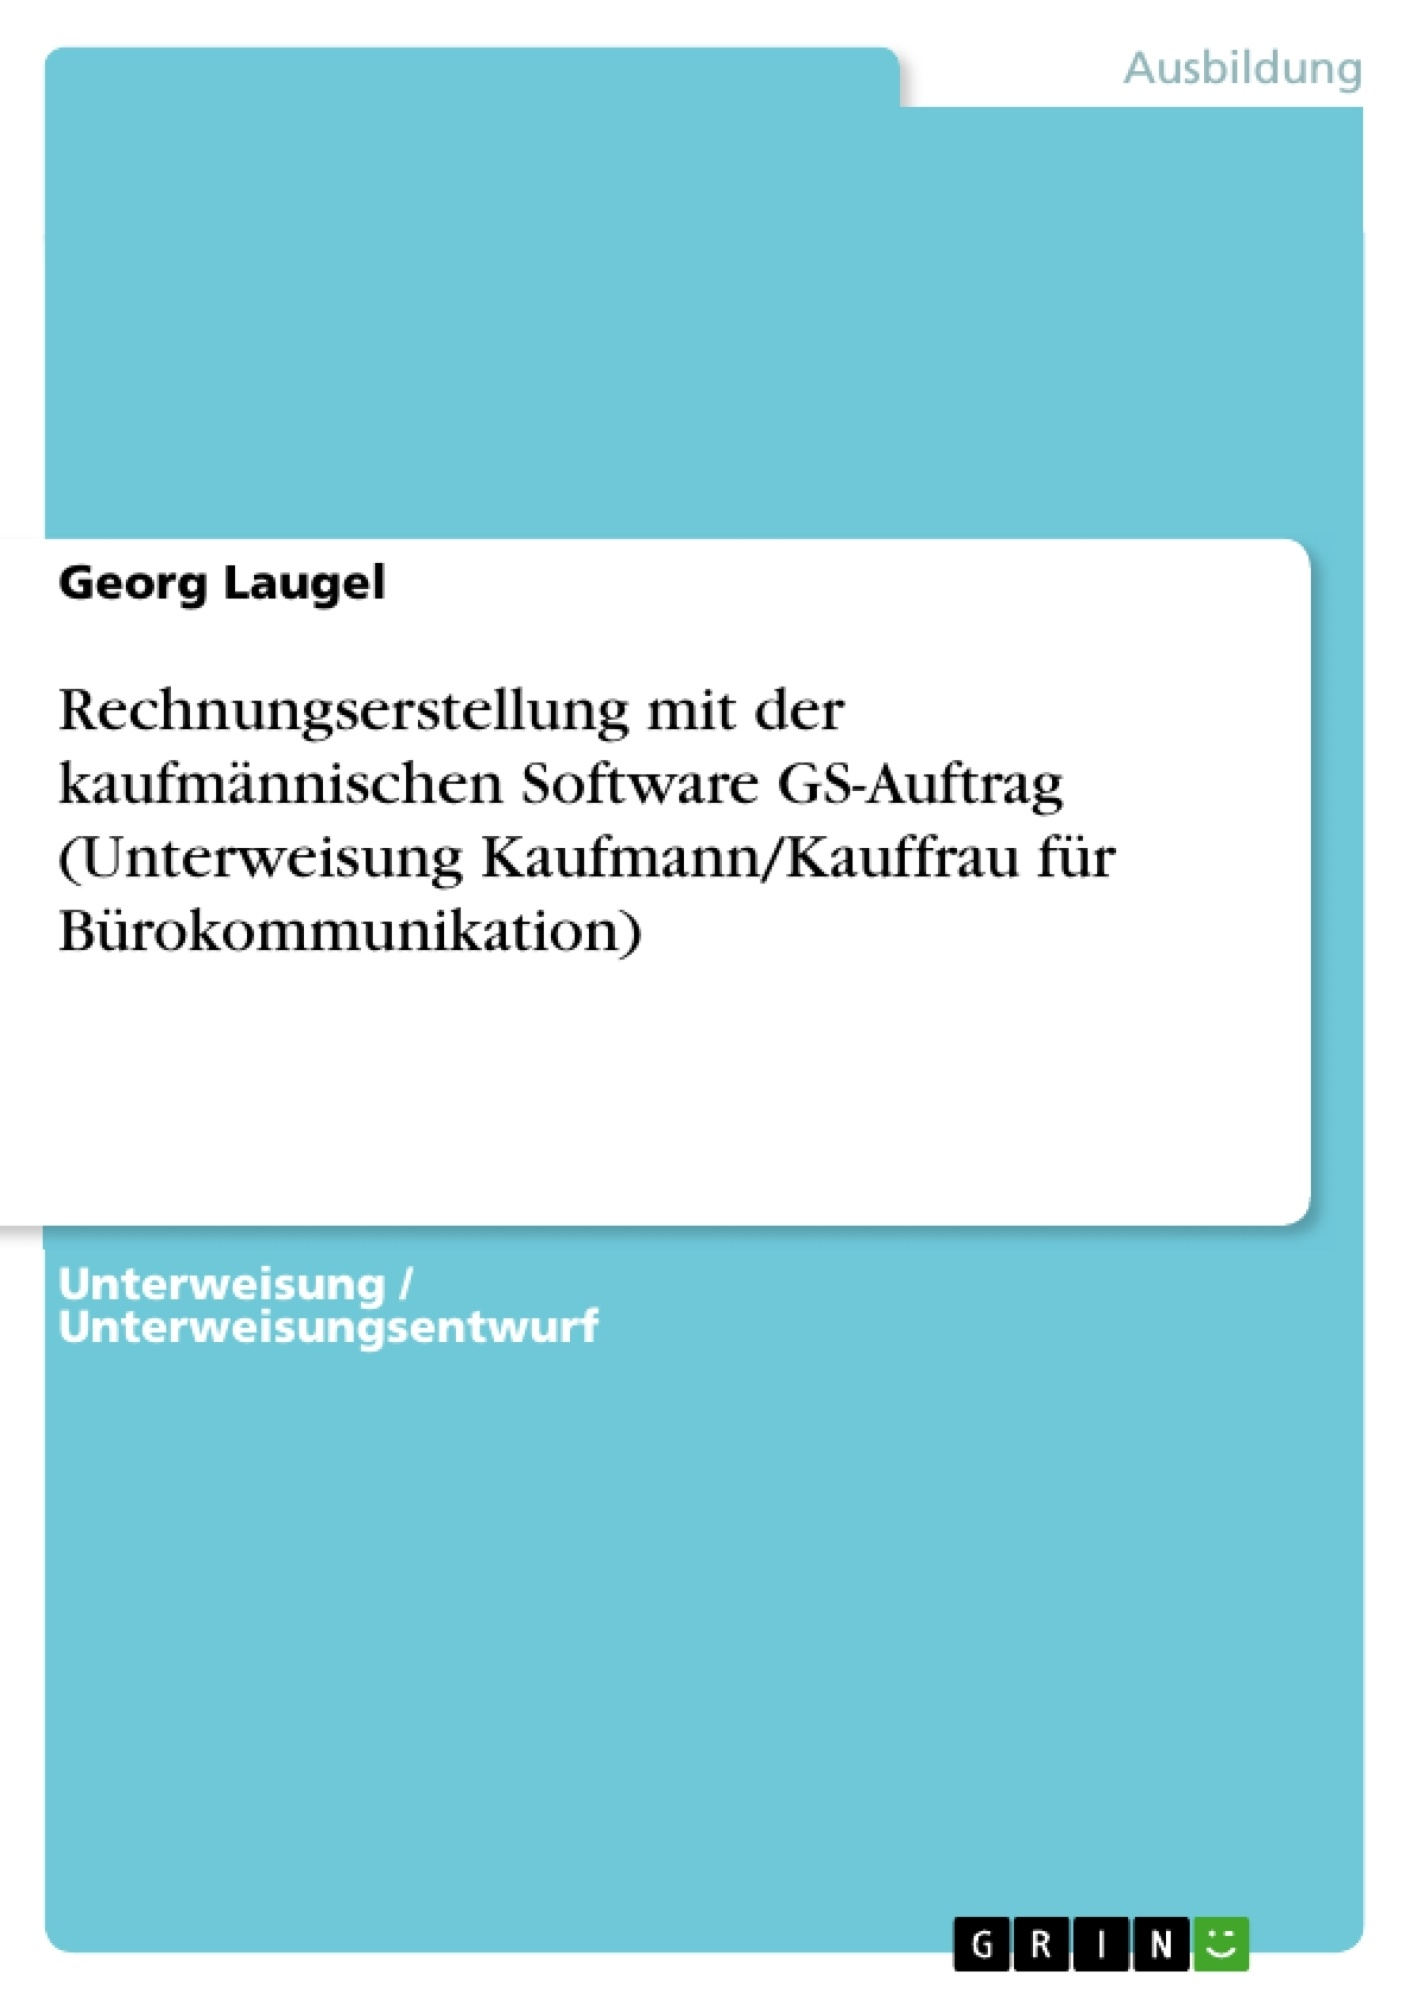 Titel: Rechnungserstellung mit der kaufmännischen Software GS-Auftrag  (Unterweisung Kaufmann/Kauffrau für Bürokommunikation)